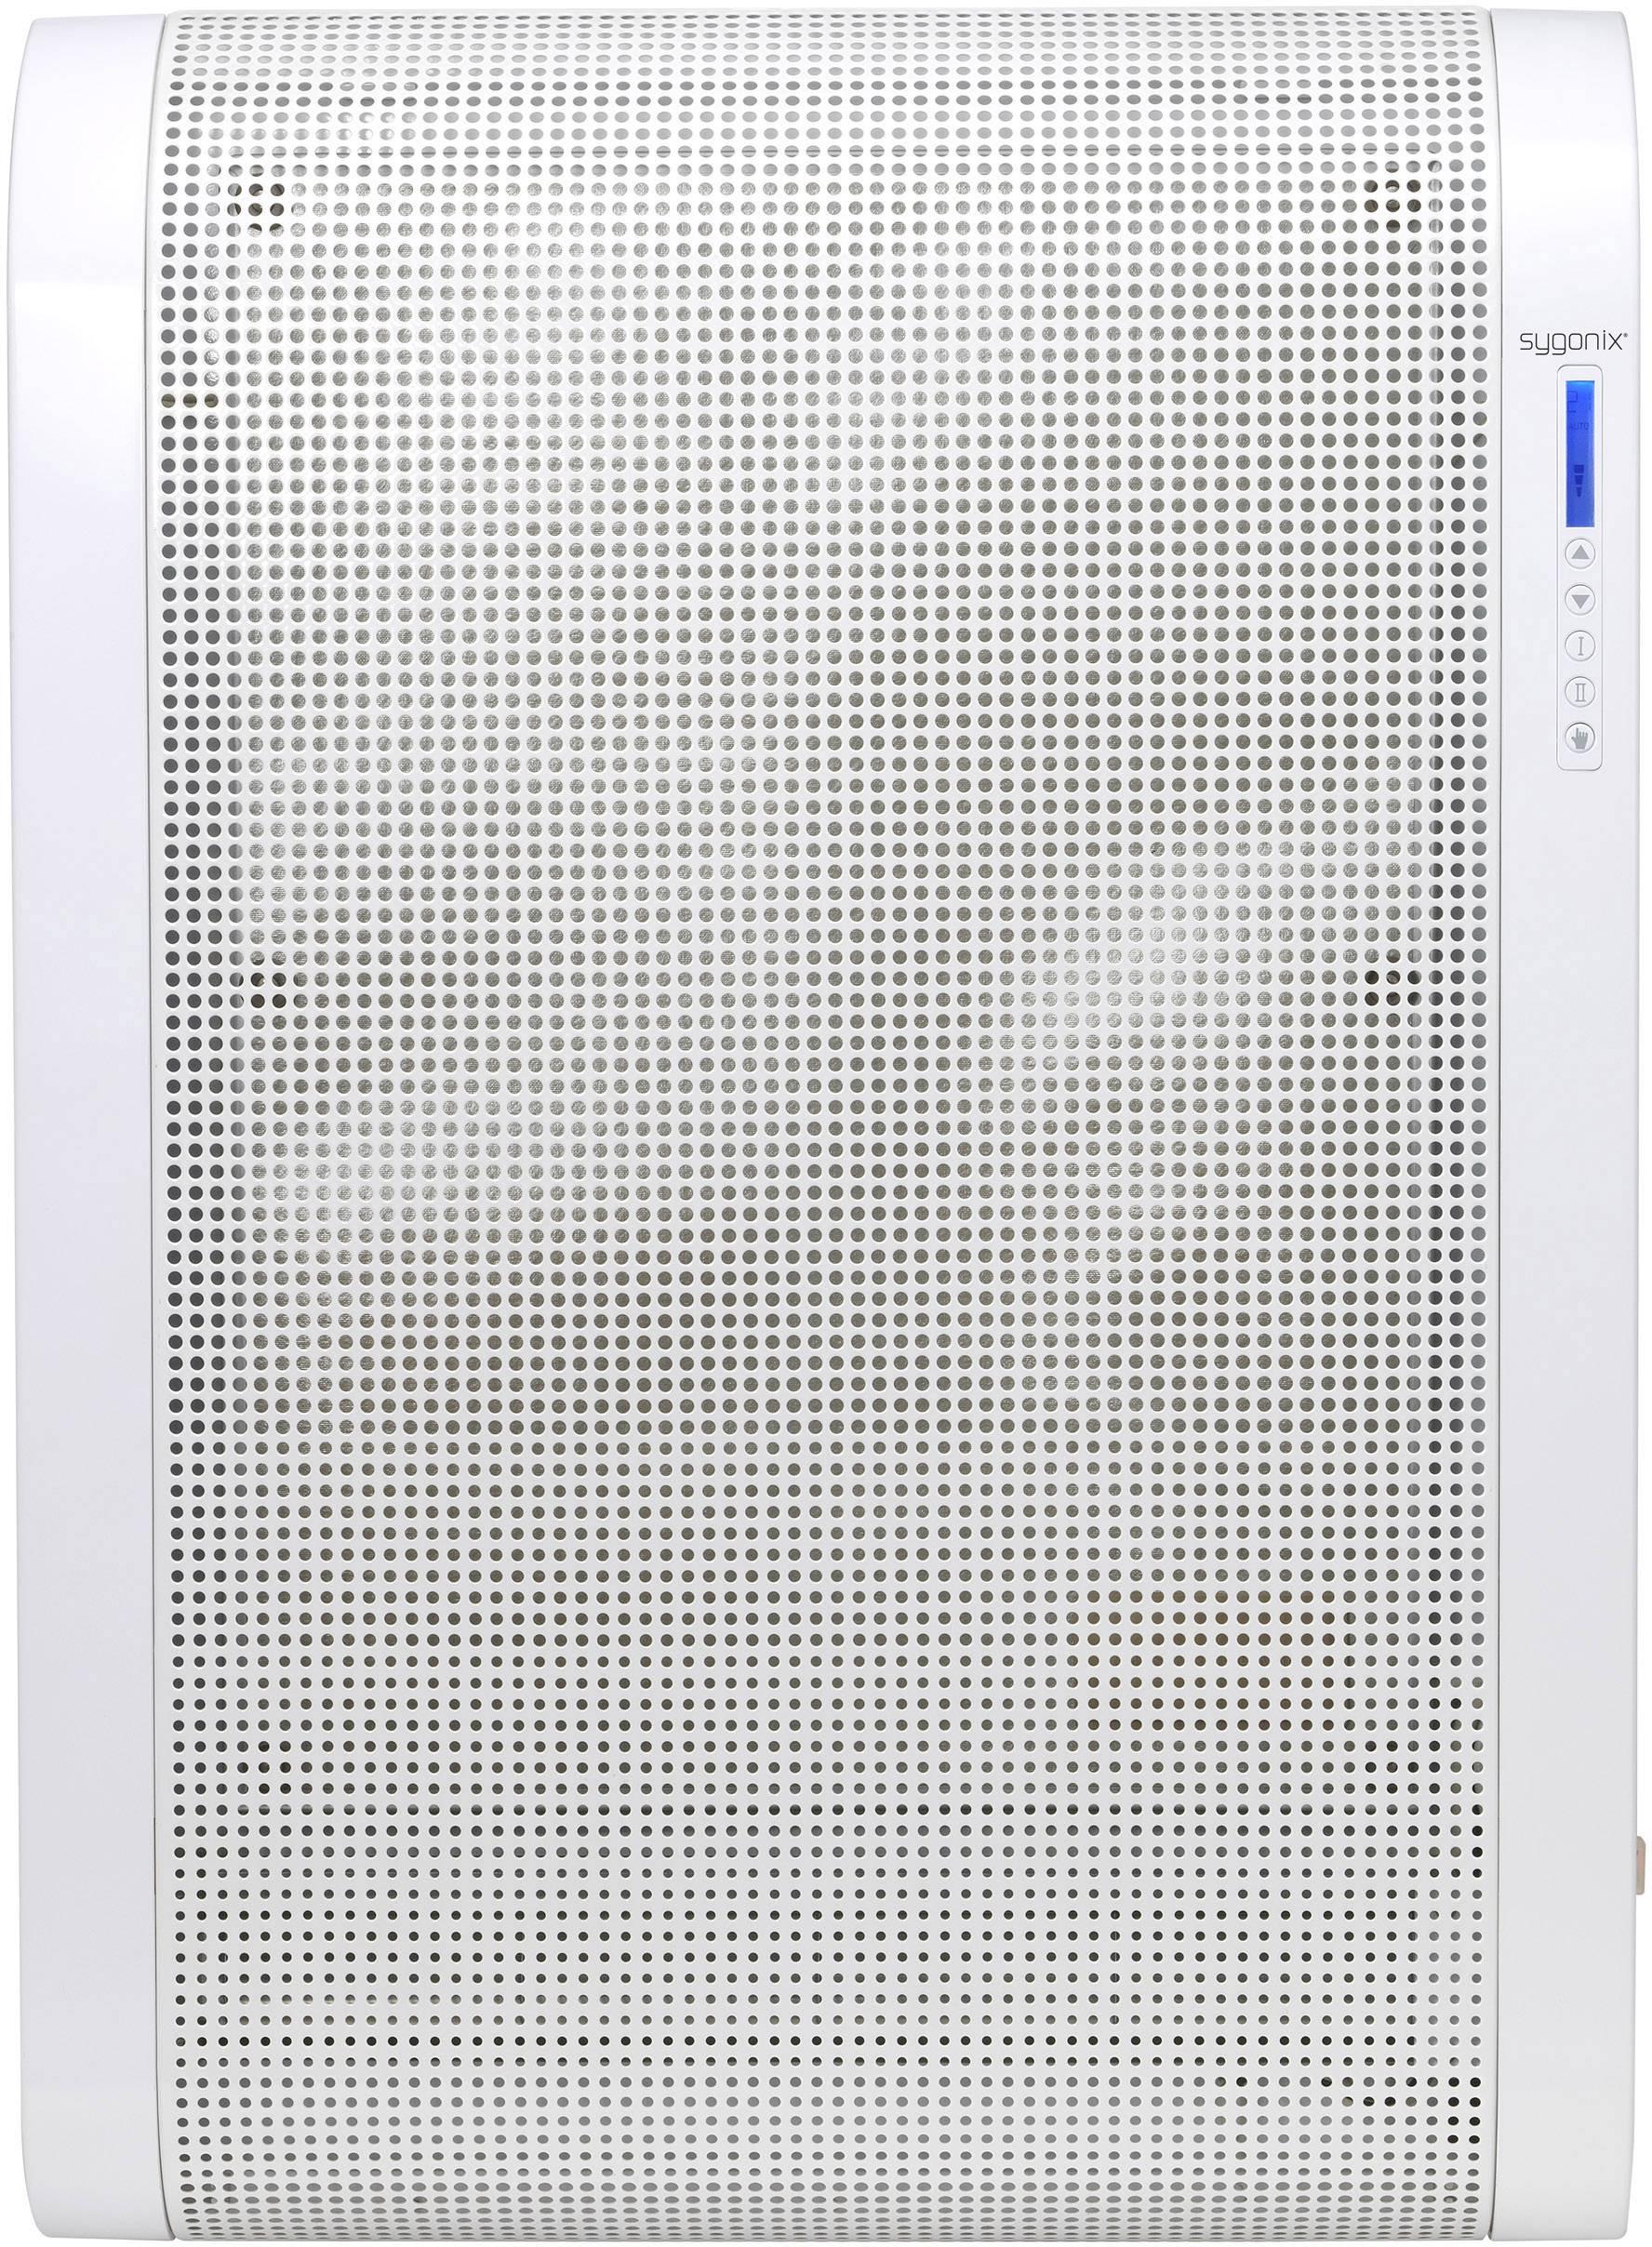 Nástěnné infračervené topení Sygonix FV1120, 20 m², 2000 W, bílá